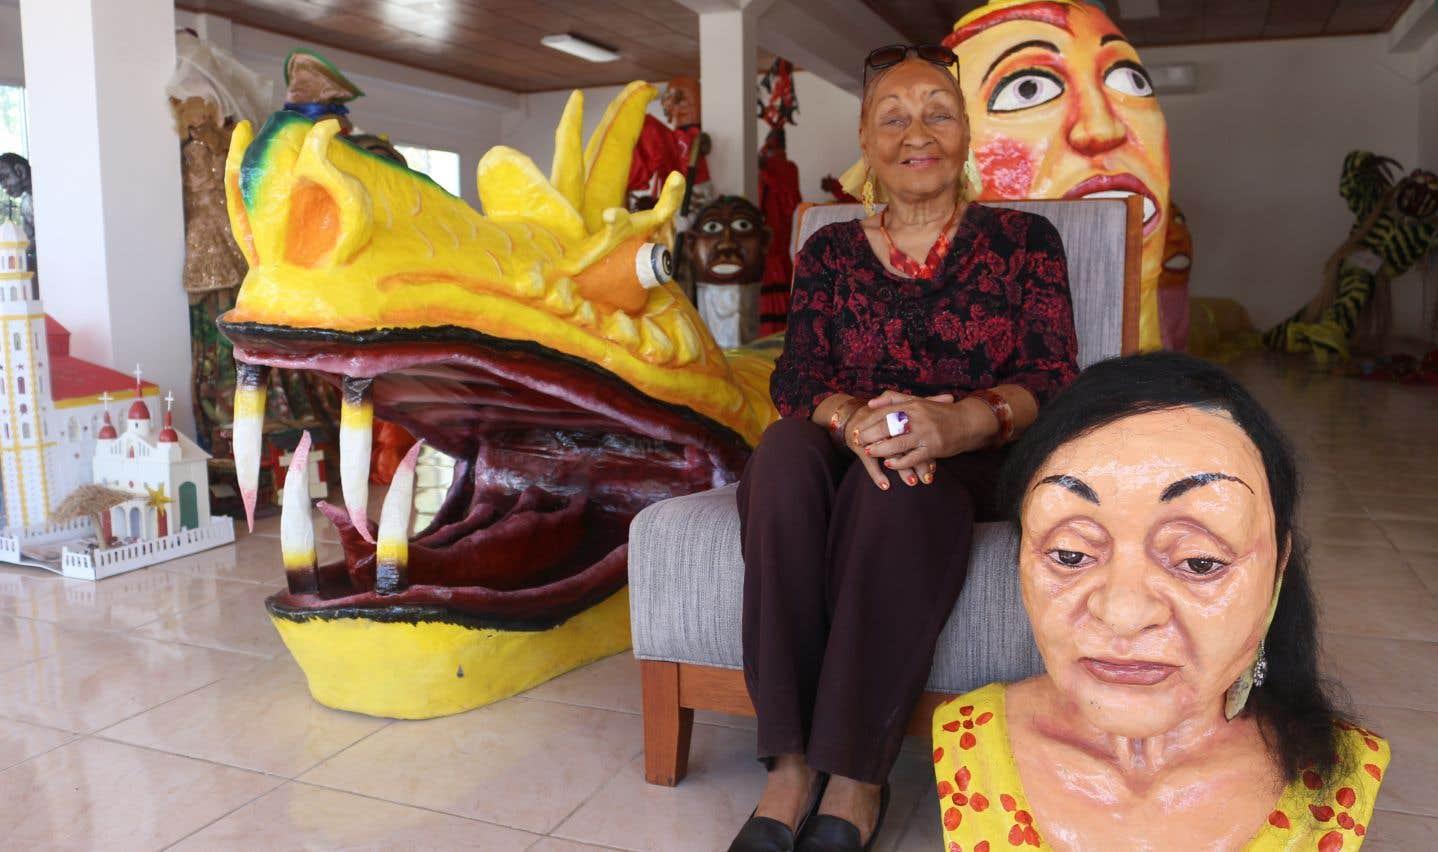 Des grands personnages en papier mâché, dont le buste à l'effigie de Madame Jacmel, sont exposés au Centre d'interprétation du carnaval.